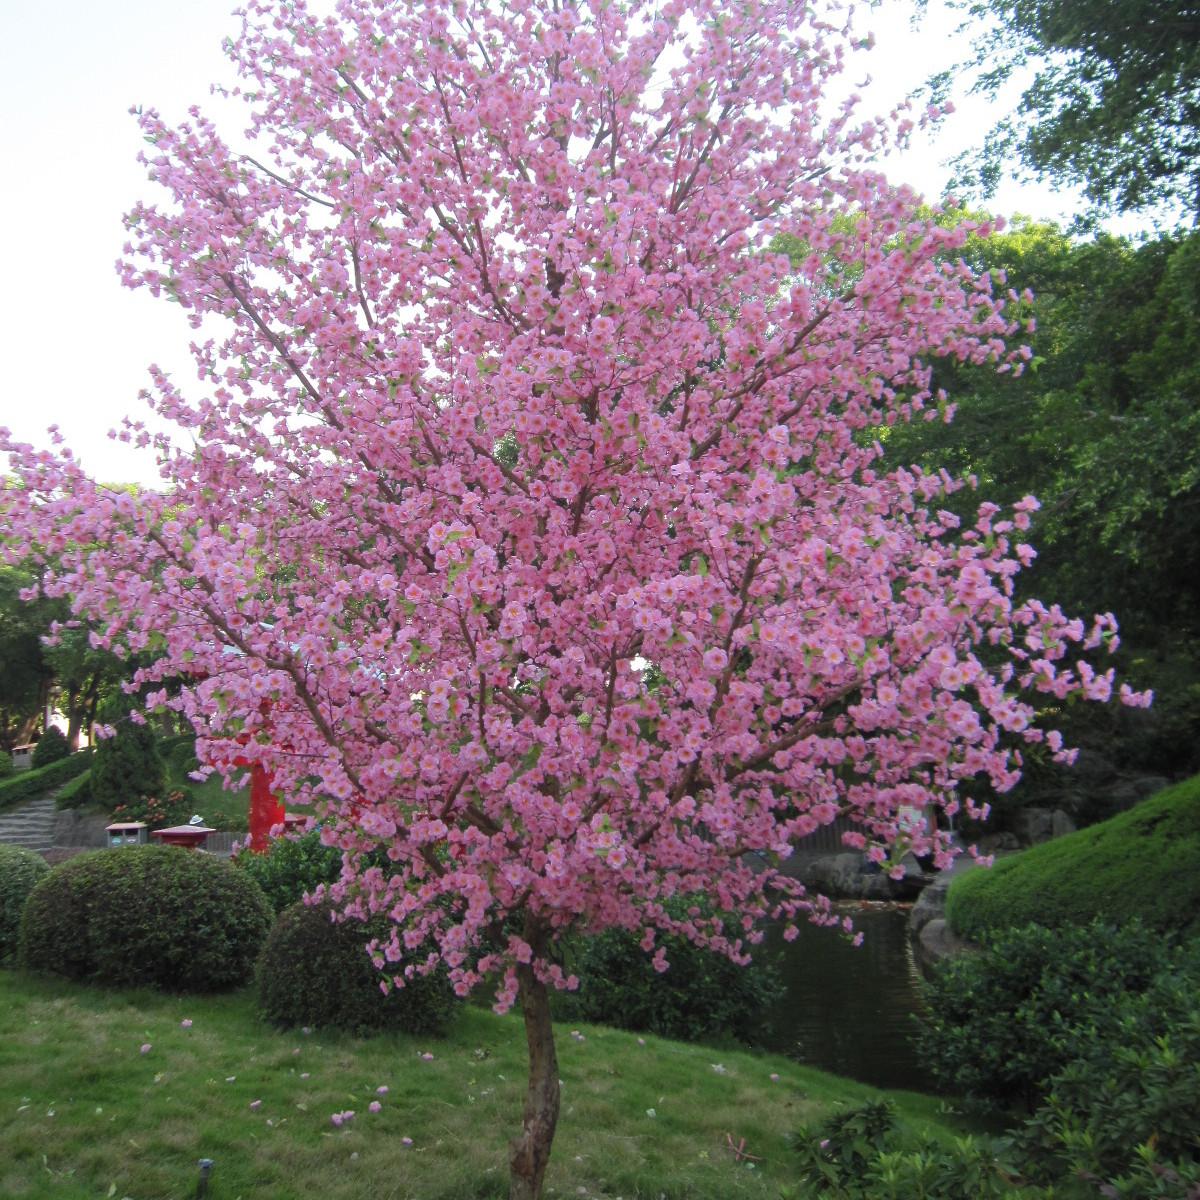 仿真植物落地仿真桃花树室内摆放装饰假树大型仿真树定做 道具桃花树